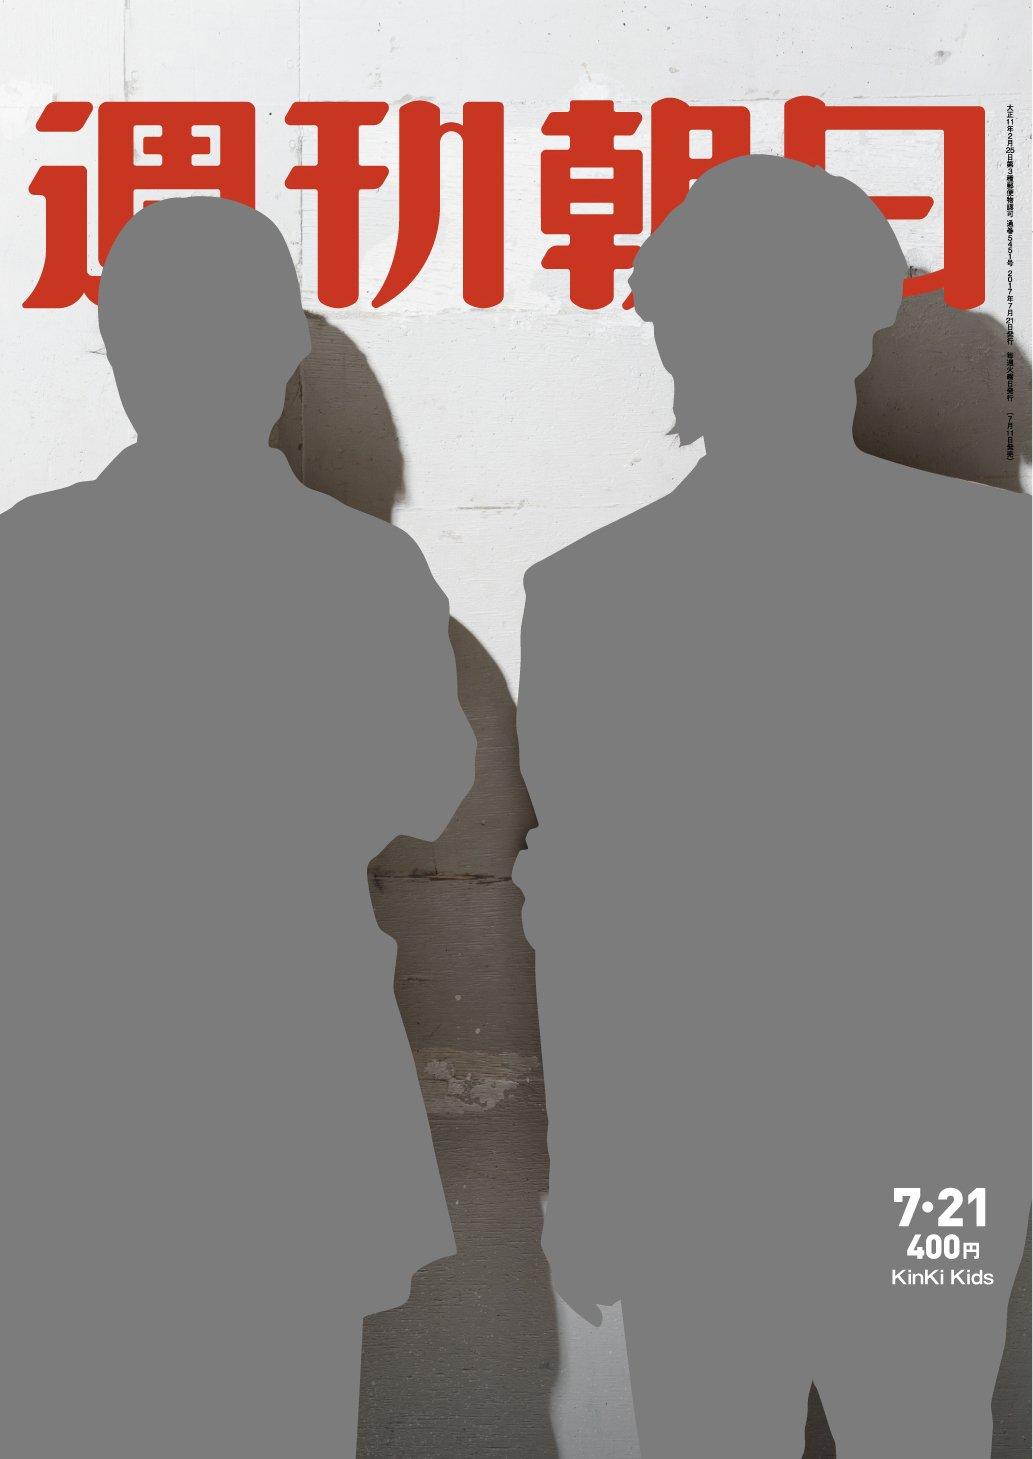 週刊朝日 2017年7月21日号